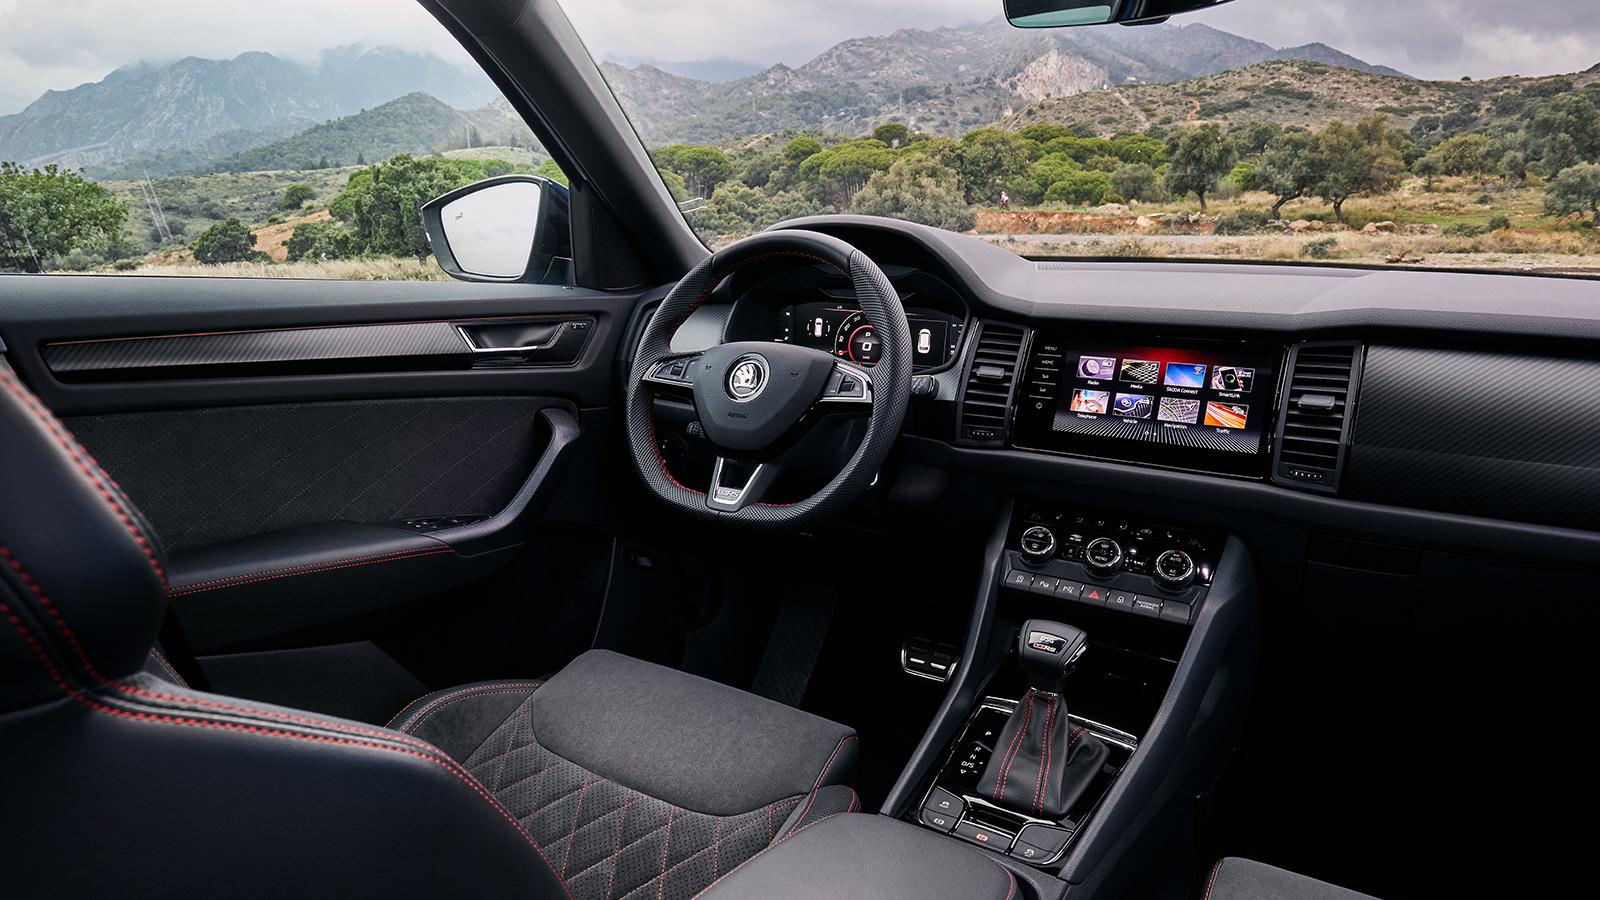 """Skoda Kodiaq RS е топ изпълнението в моделното семейство. Няма амбициите да прави оборота, на него се пада честа да трупа имидж за марката, тъй като разчита на най-мощния дизел, който доскоро се предлагаше за Porsche Macan. А и защо иначе ще носи приза """"Най-бърз 7-местен SUV на Нордшлайфе""""?"""